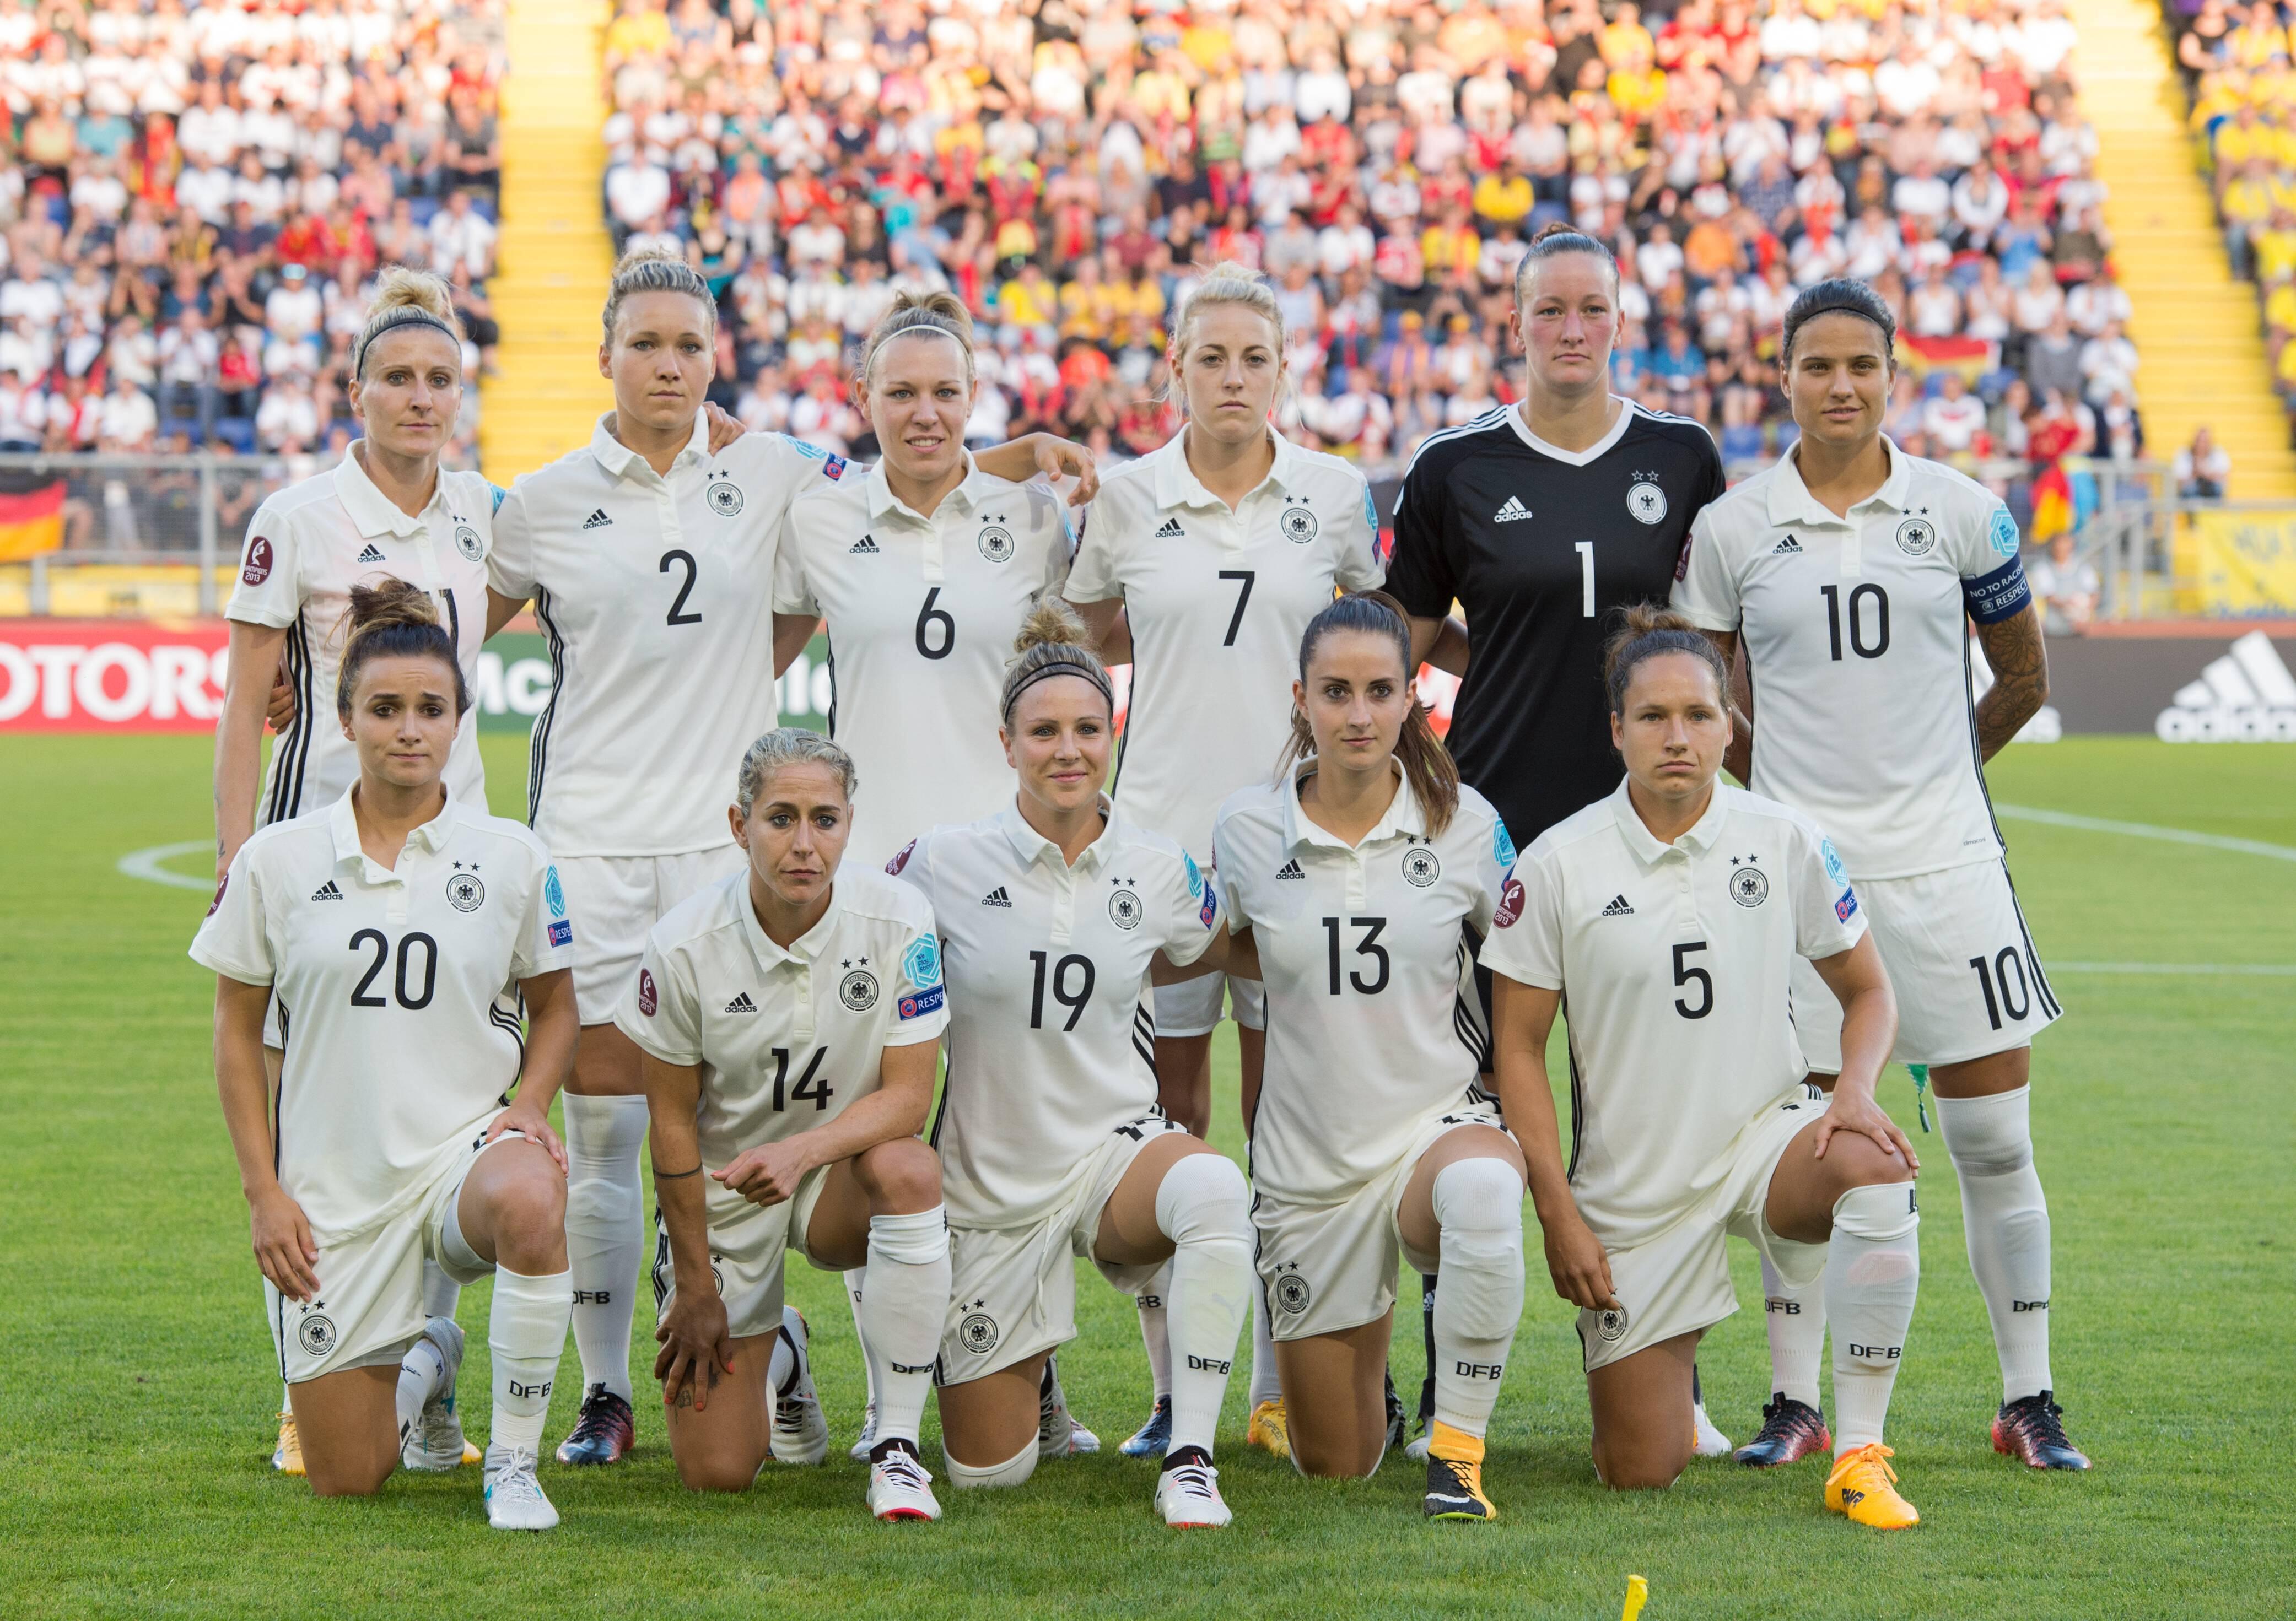 Bild zu Deutschland, Frauen EM, Europameisterschaft, Debritz